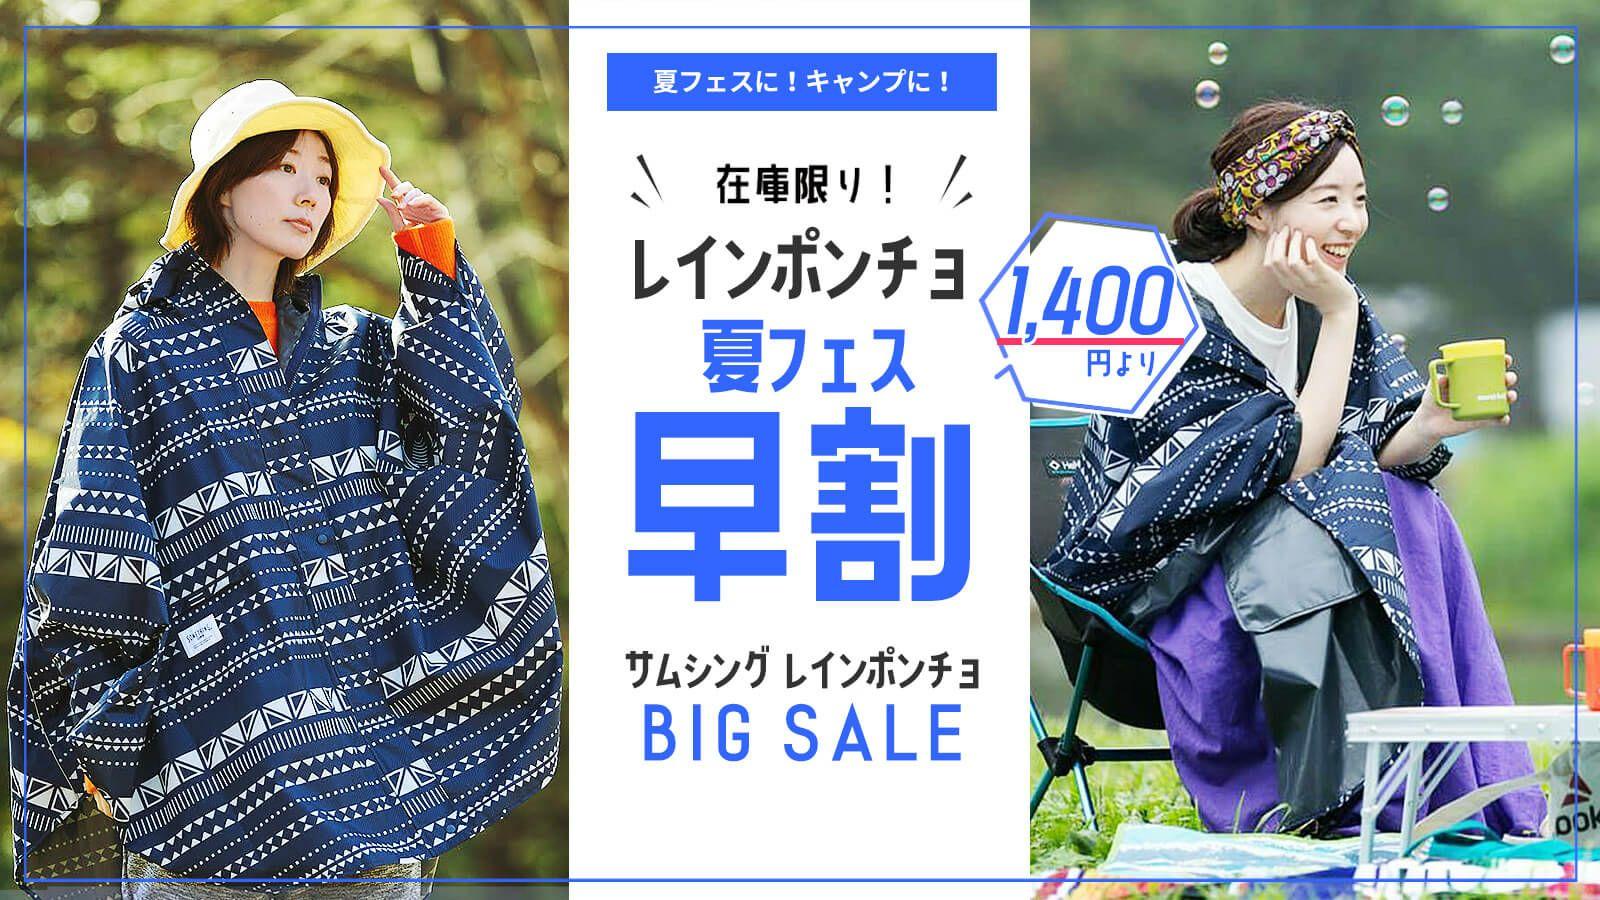 【MAX 40%OFF】EDWIN&SOMETHING ブランド・レインウェア特集